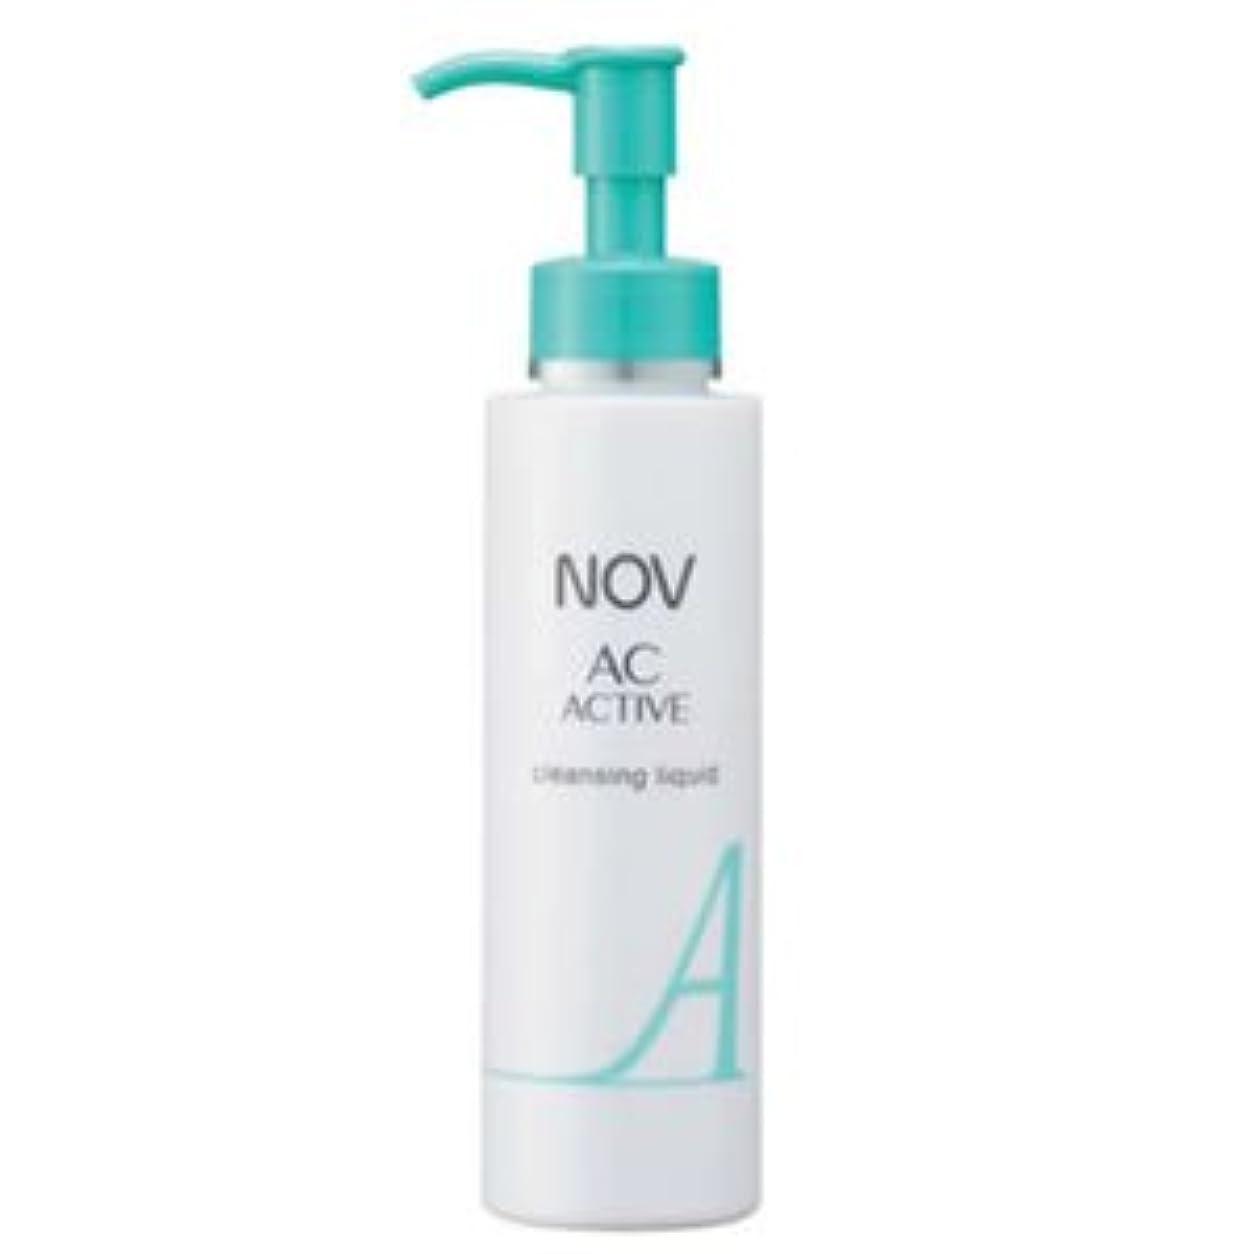 深く反毒評価するNOV ノブ ACアクティブ クレンジングリキッド n 120mL 医薬部外品